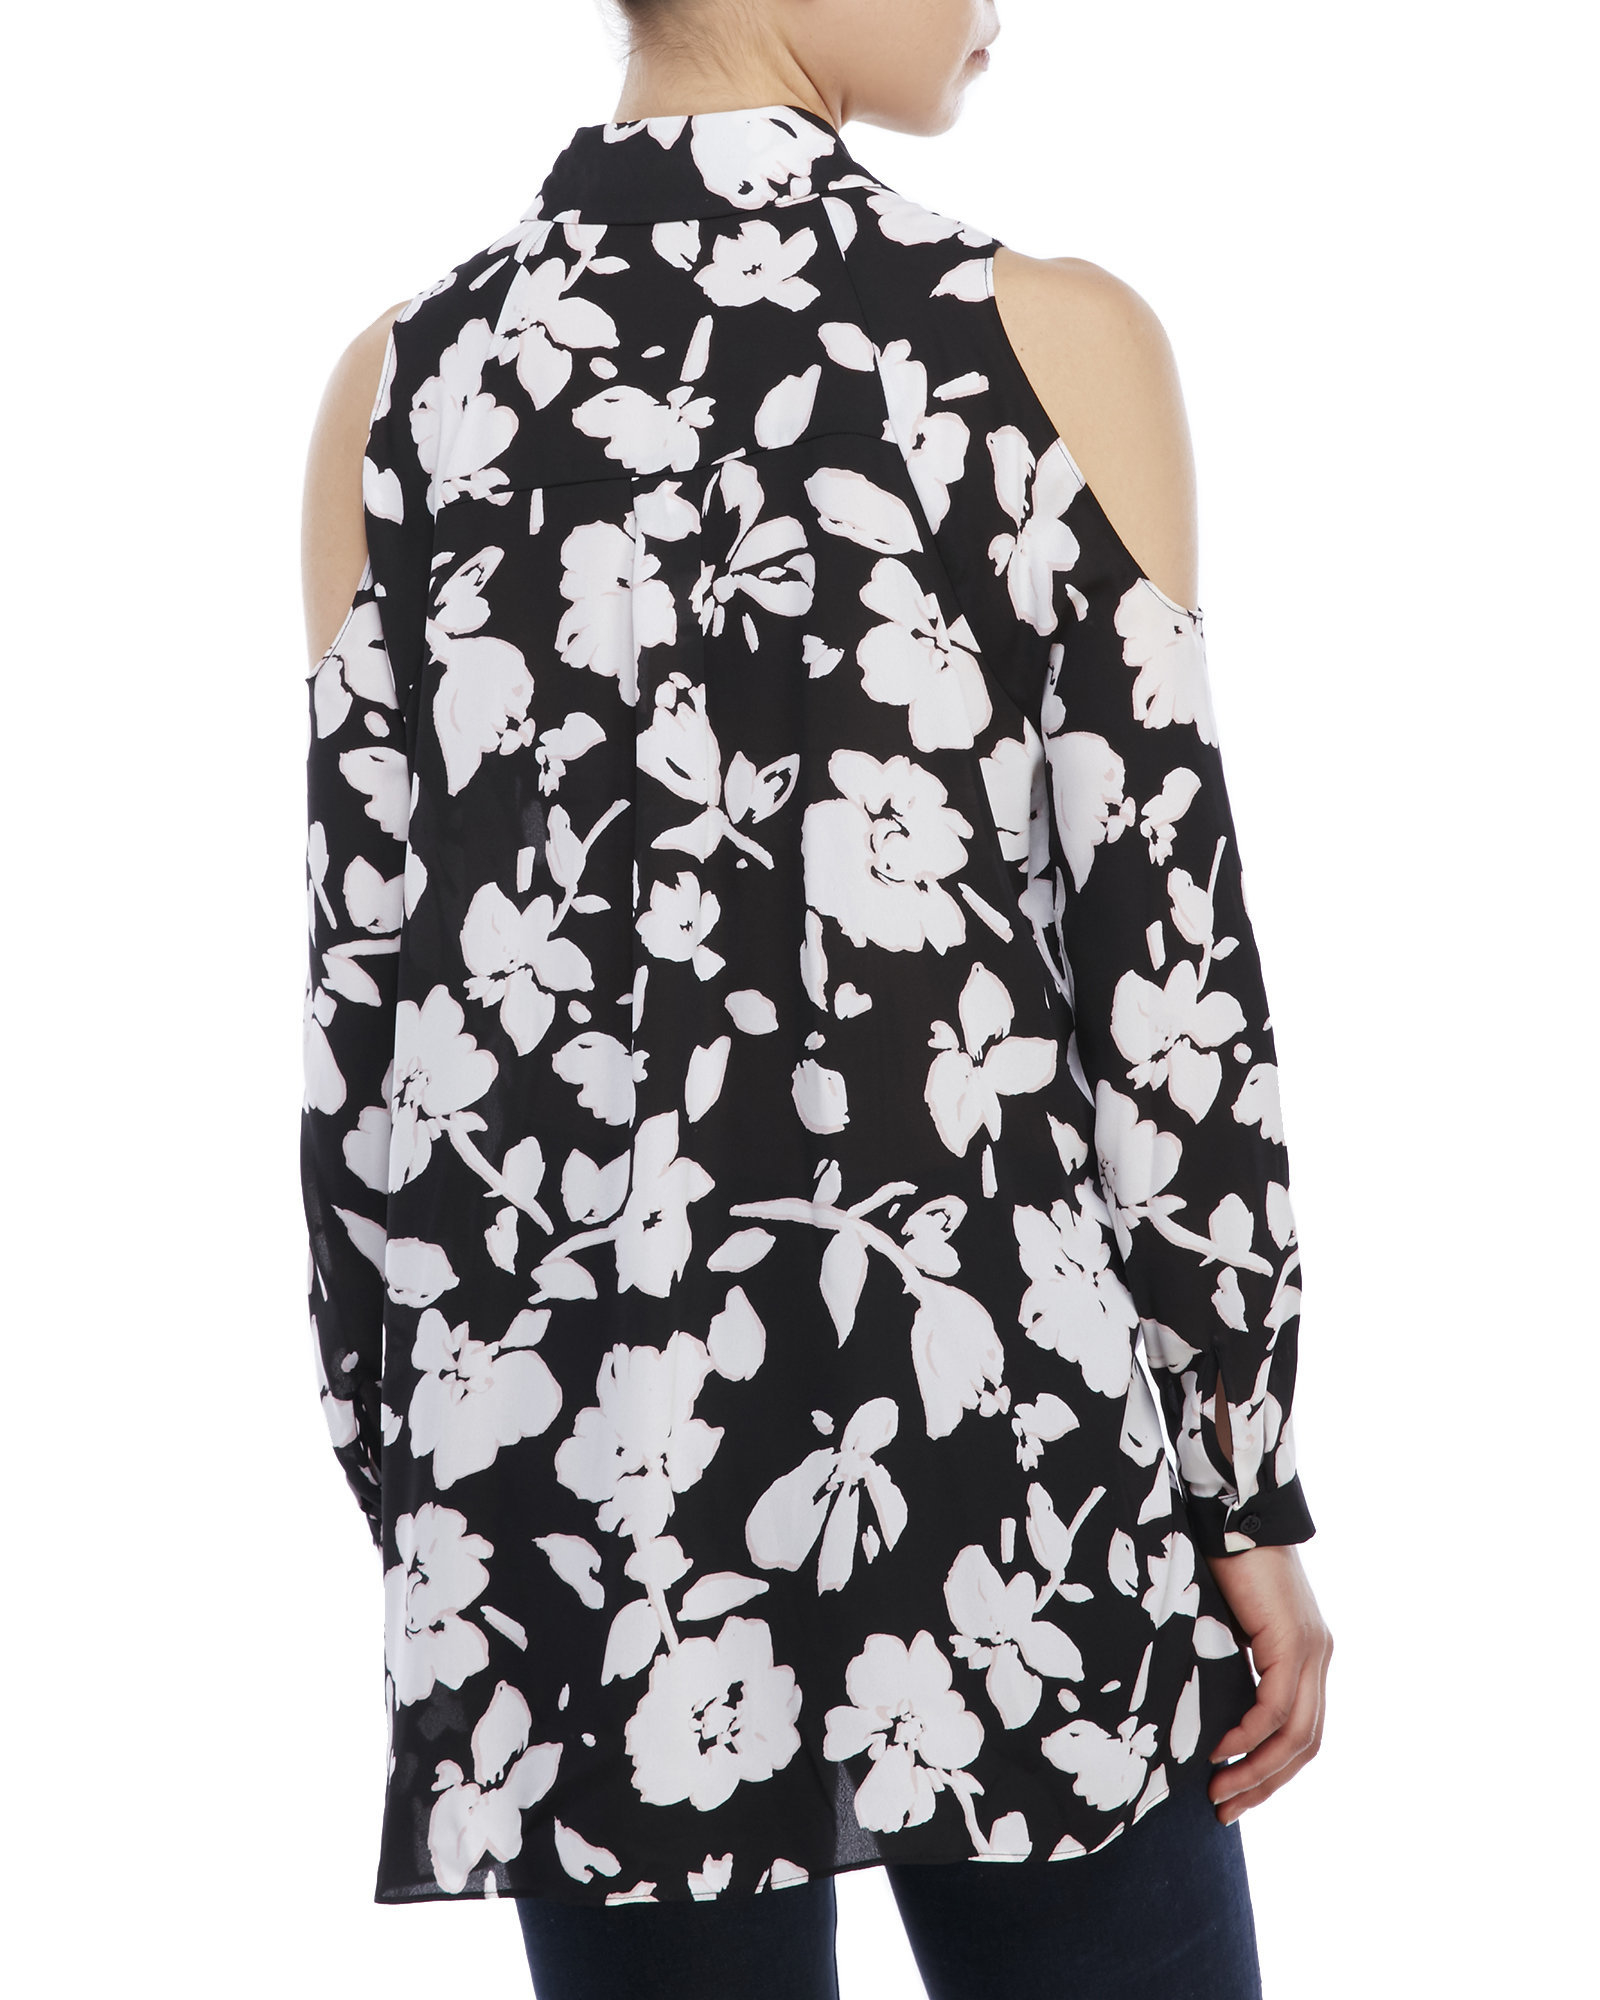 f657ee995c3d9e Lyst - ABS By Allen Schwartz Black Floral Cold Shoulder Blouse in Black